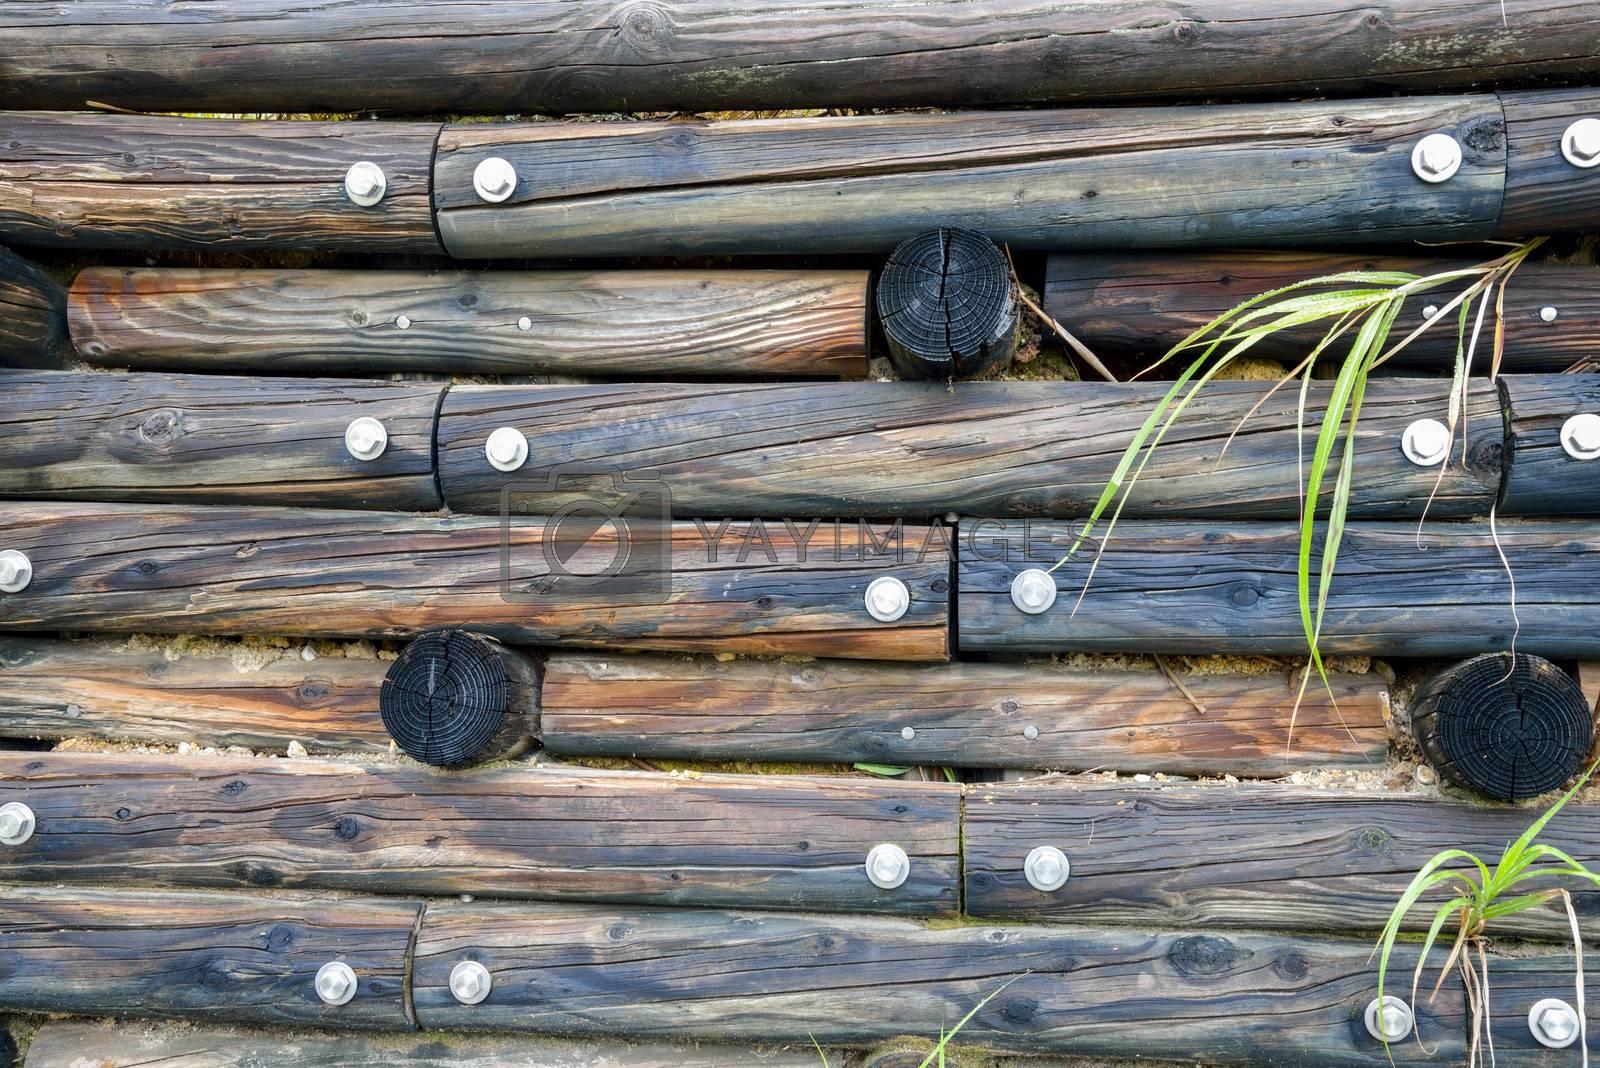 Wooden wall pattern by gjeerawut